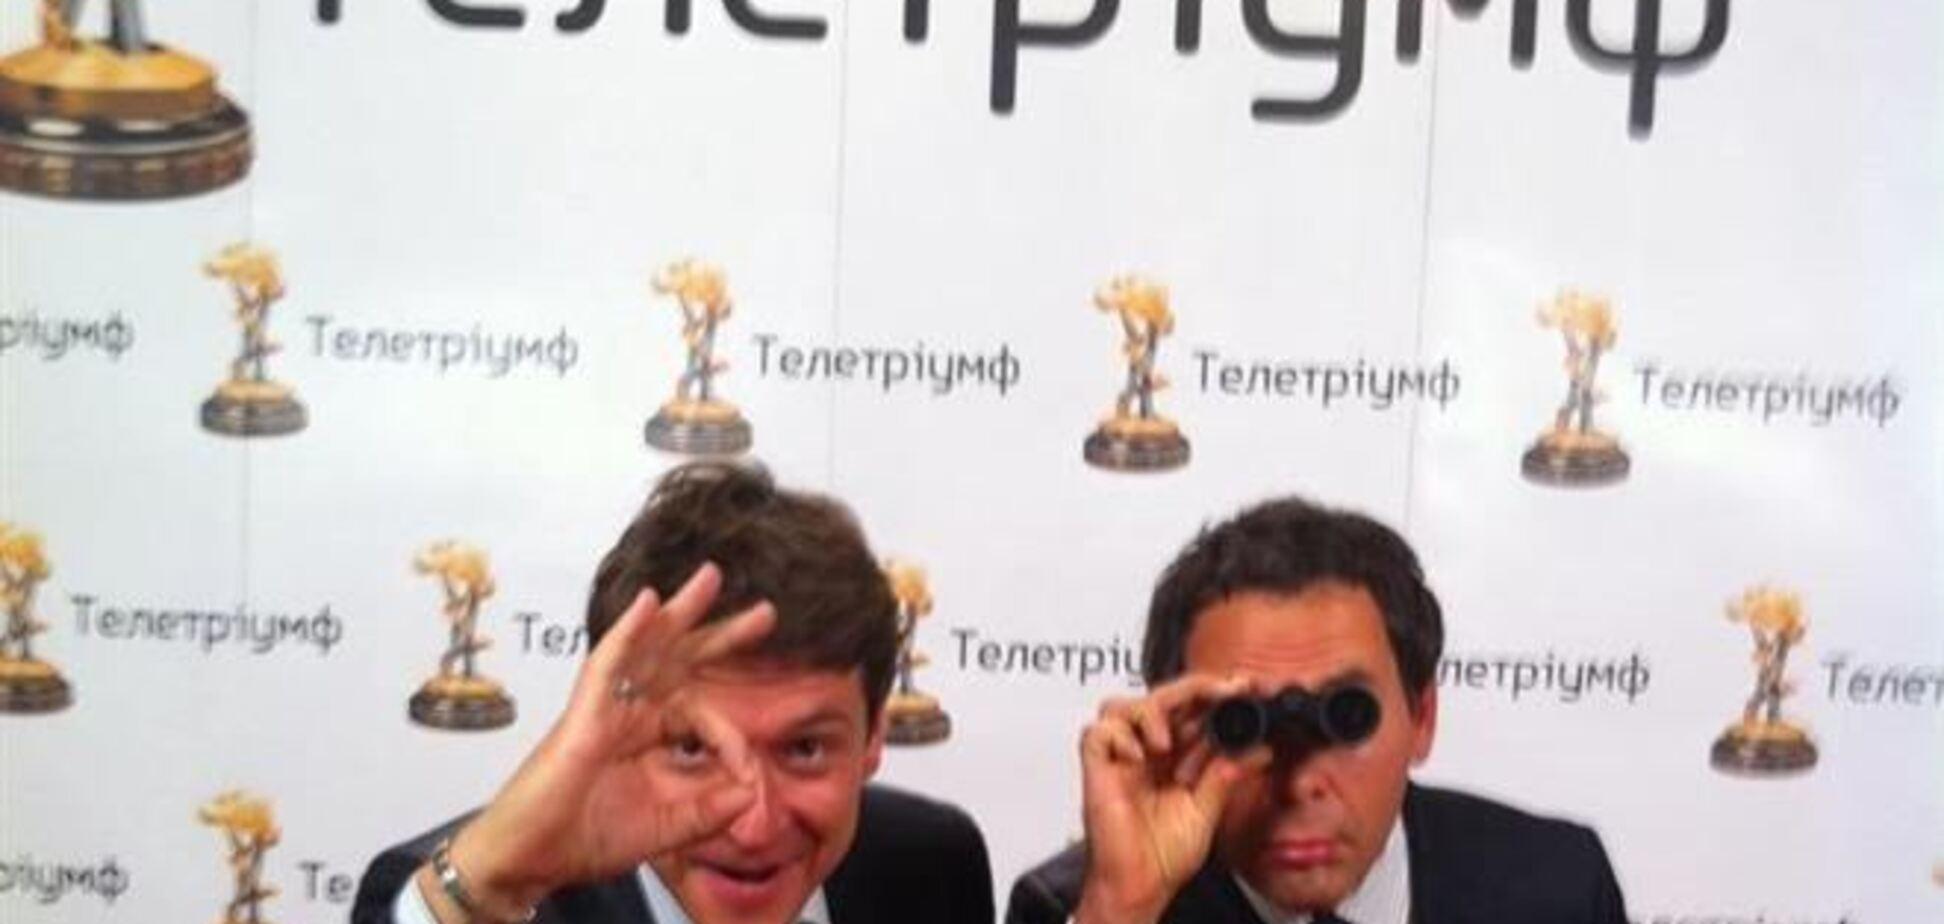 Из-за Евромайдана на целый год перенесли премию 'Телетриумф'